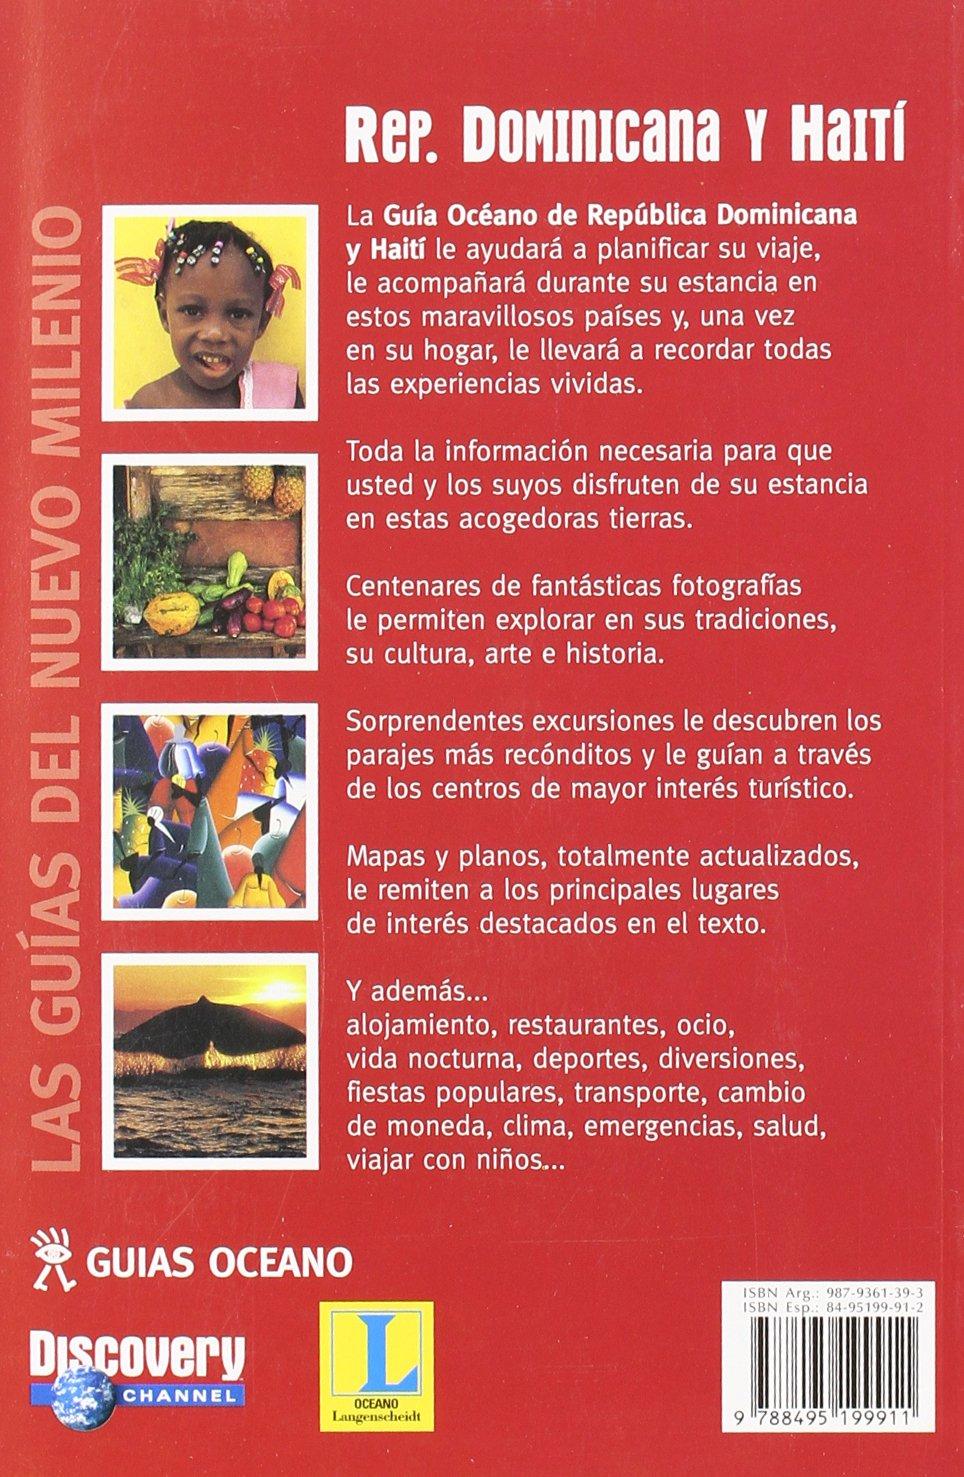 Republica dominicana y Haití discovery channel guias oceano: Amazon.es: García García, Álvaro: Libros